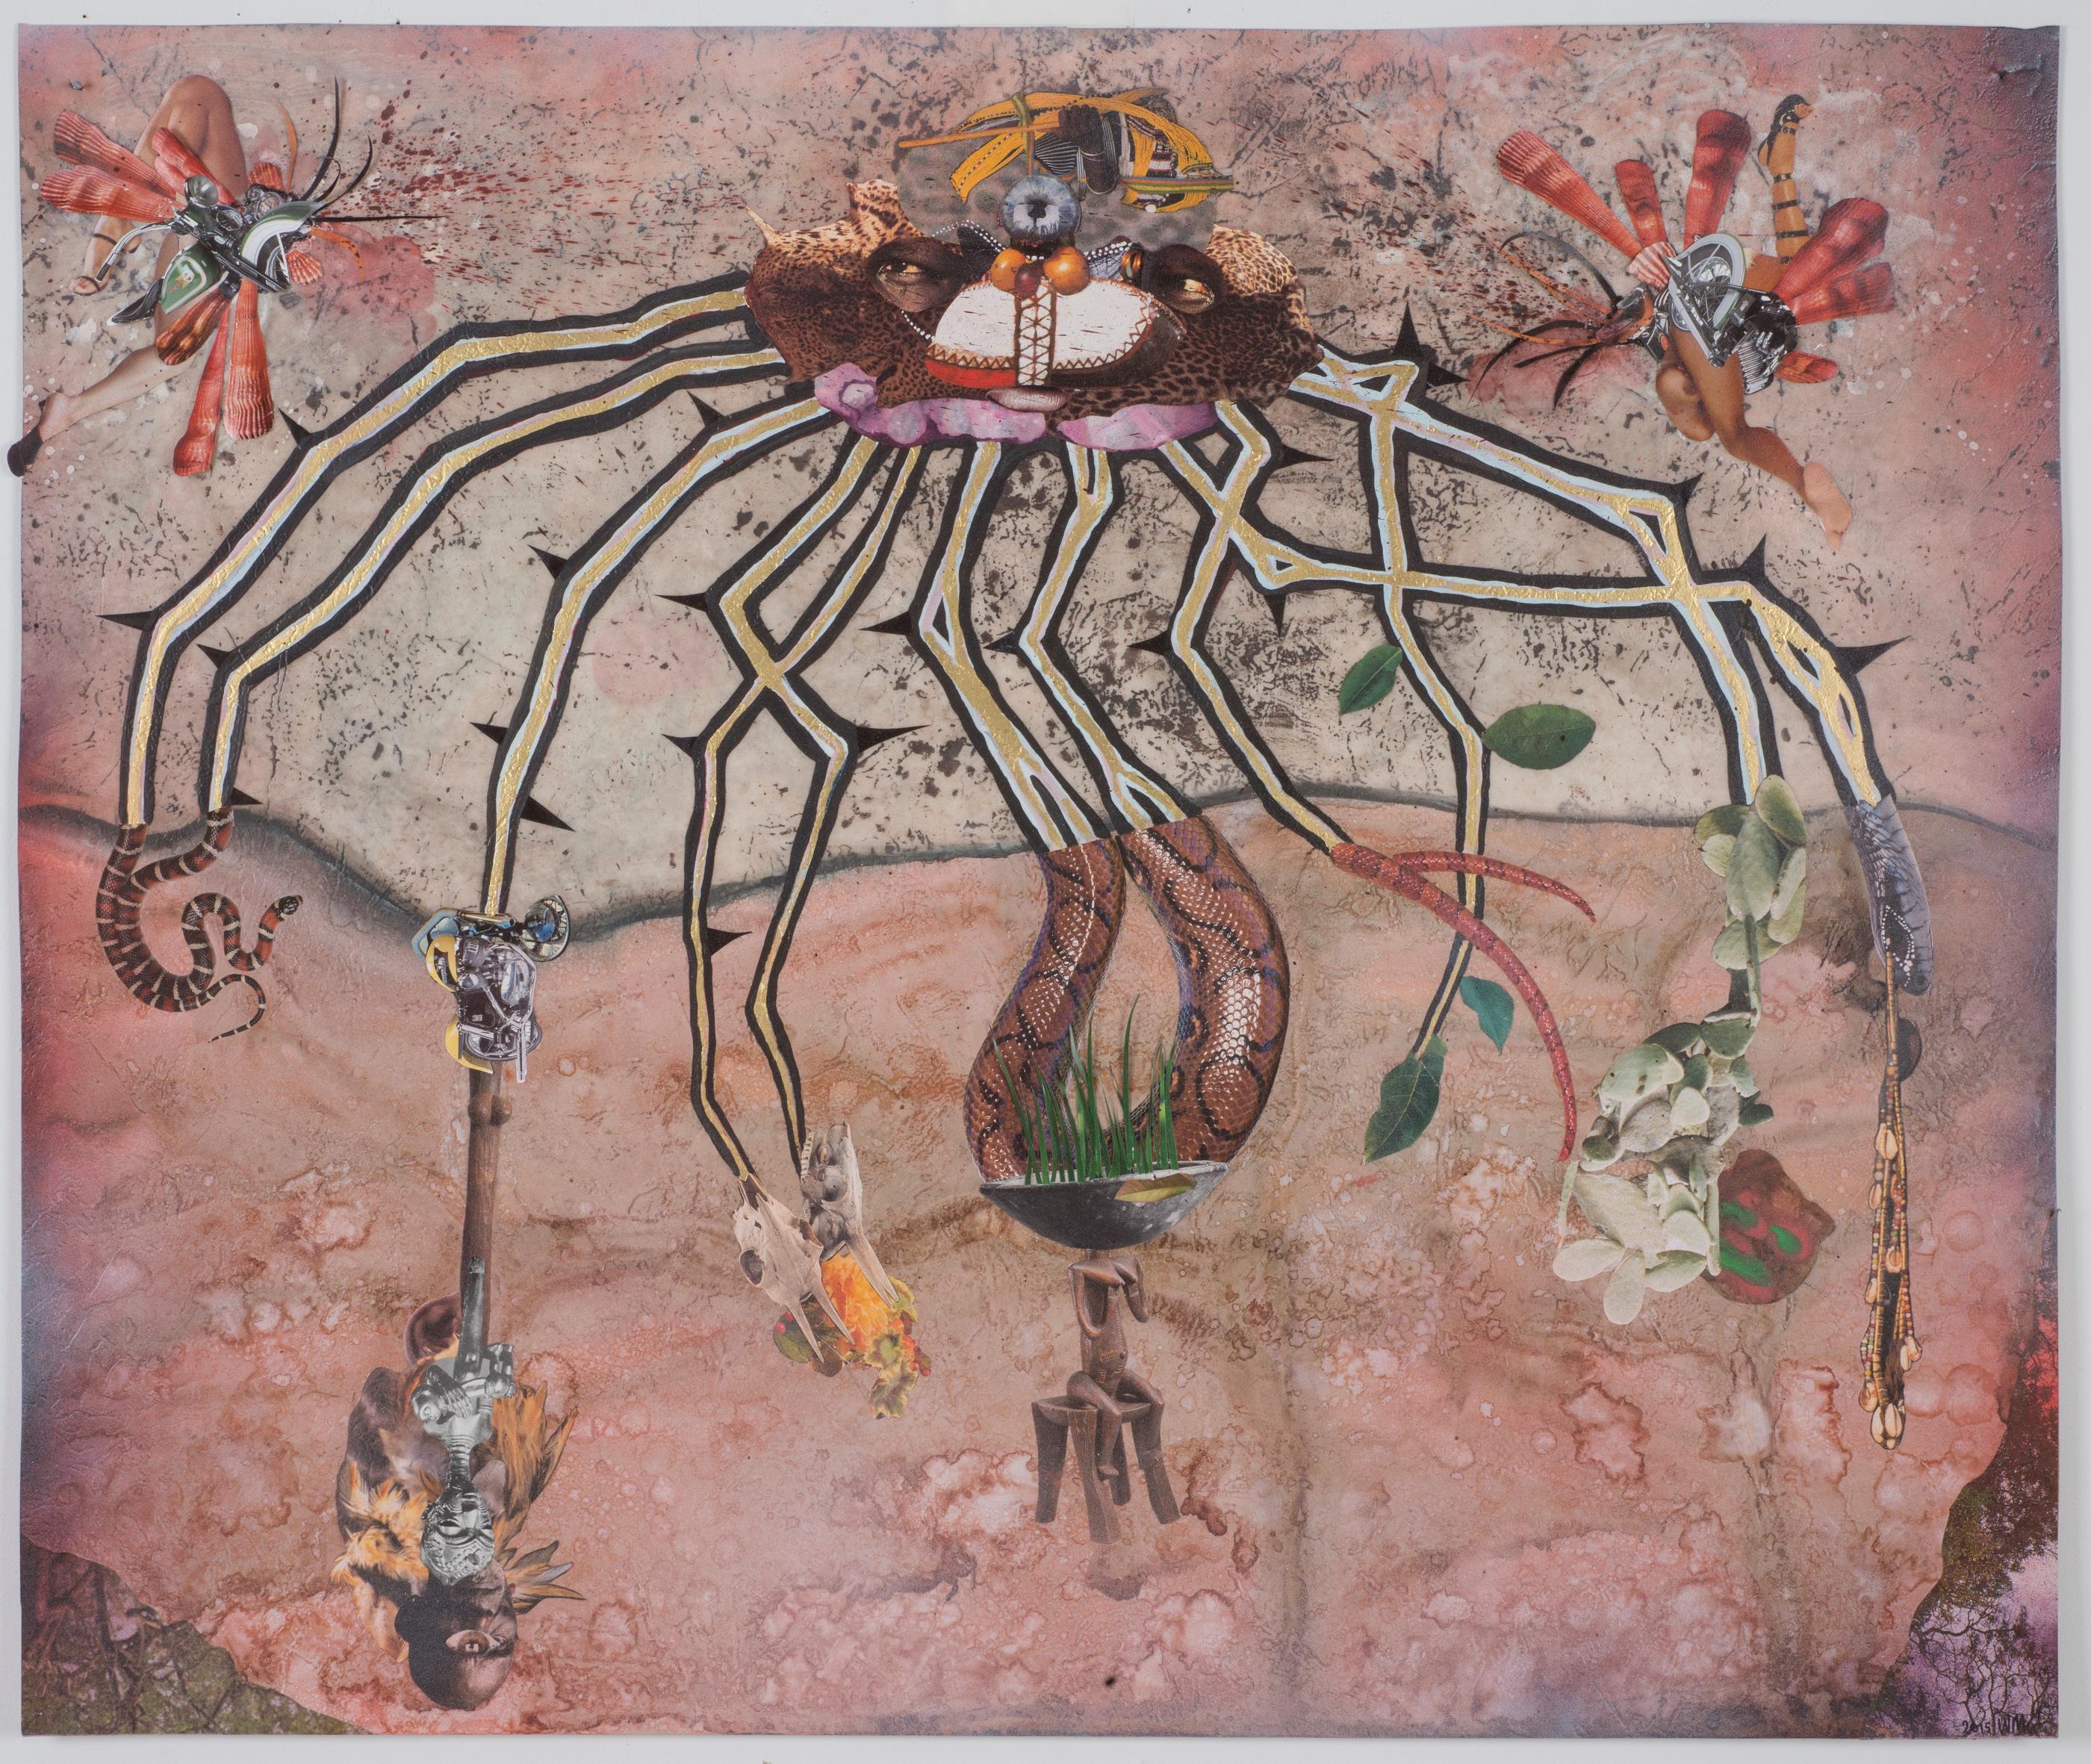 An Afrofuturism Creature by Wangechi Mutu